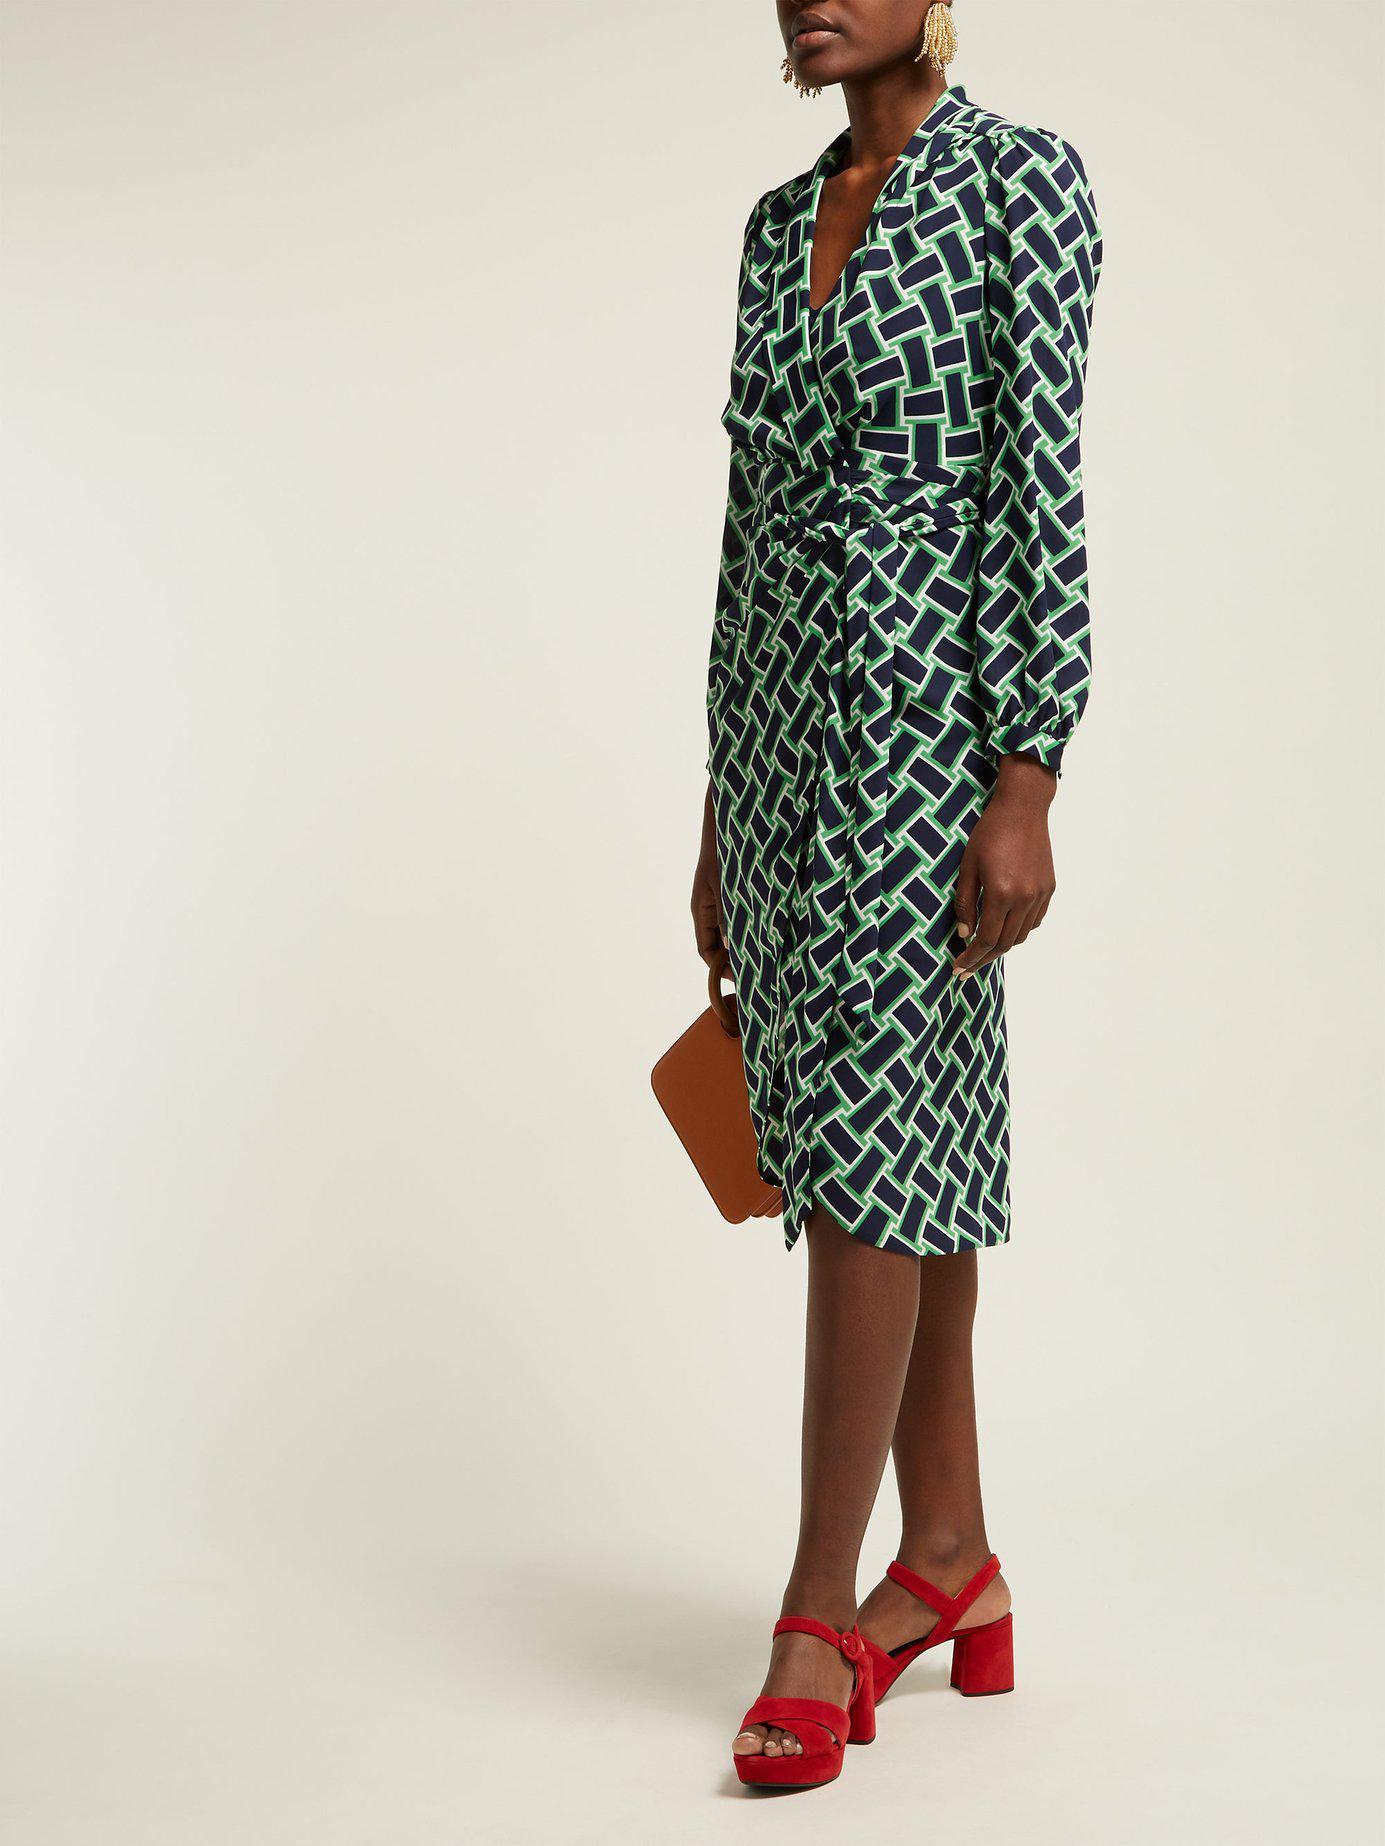 fe44455fe9 Diane von Furstenberg  carla  Dress in Green - Save 60% - Lyst